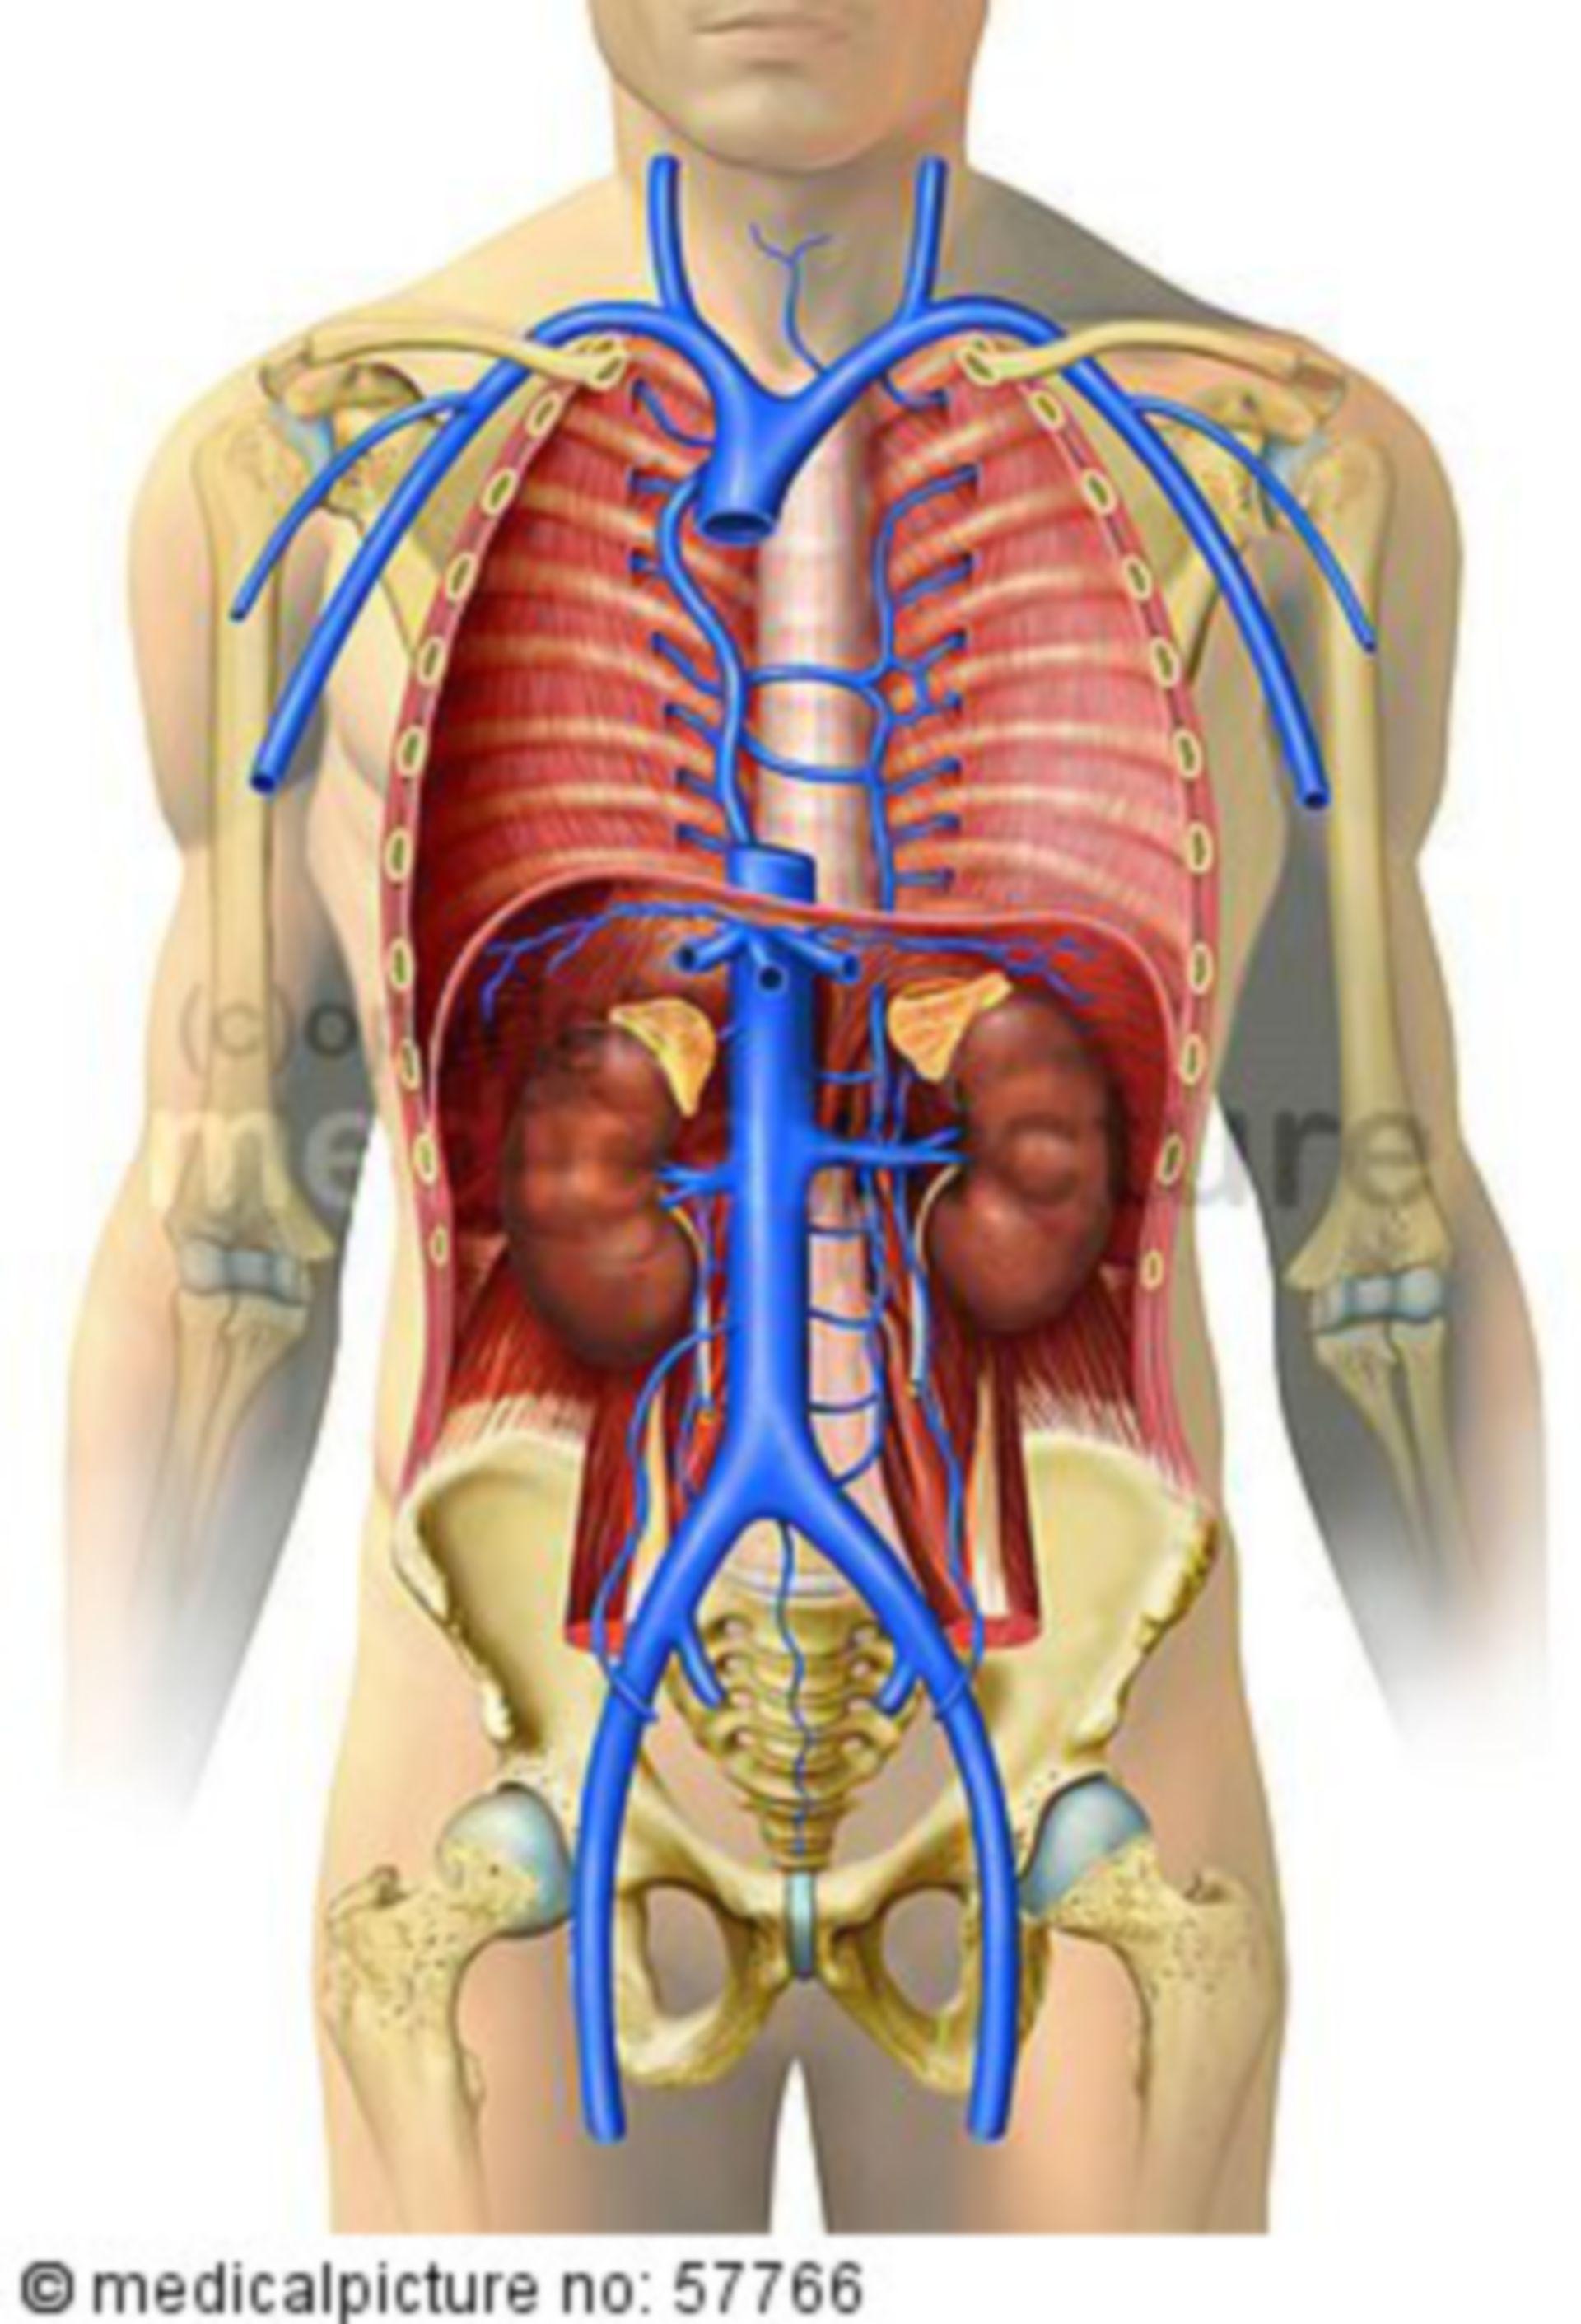 Anatomiche illustrazioni - circolazione del sangue venoso